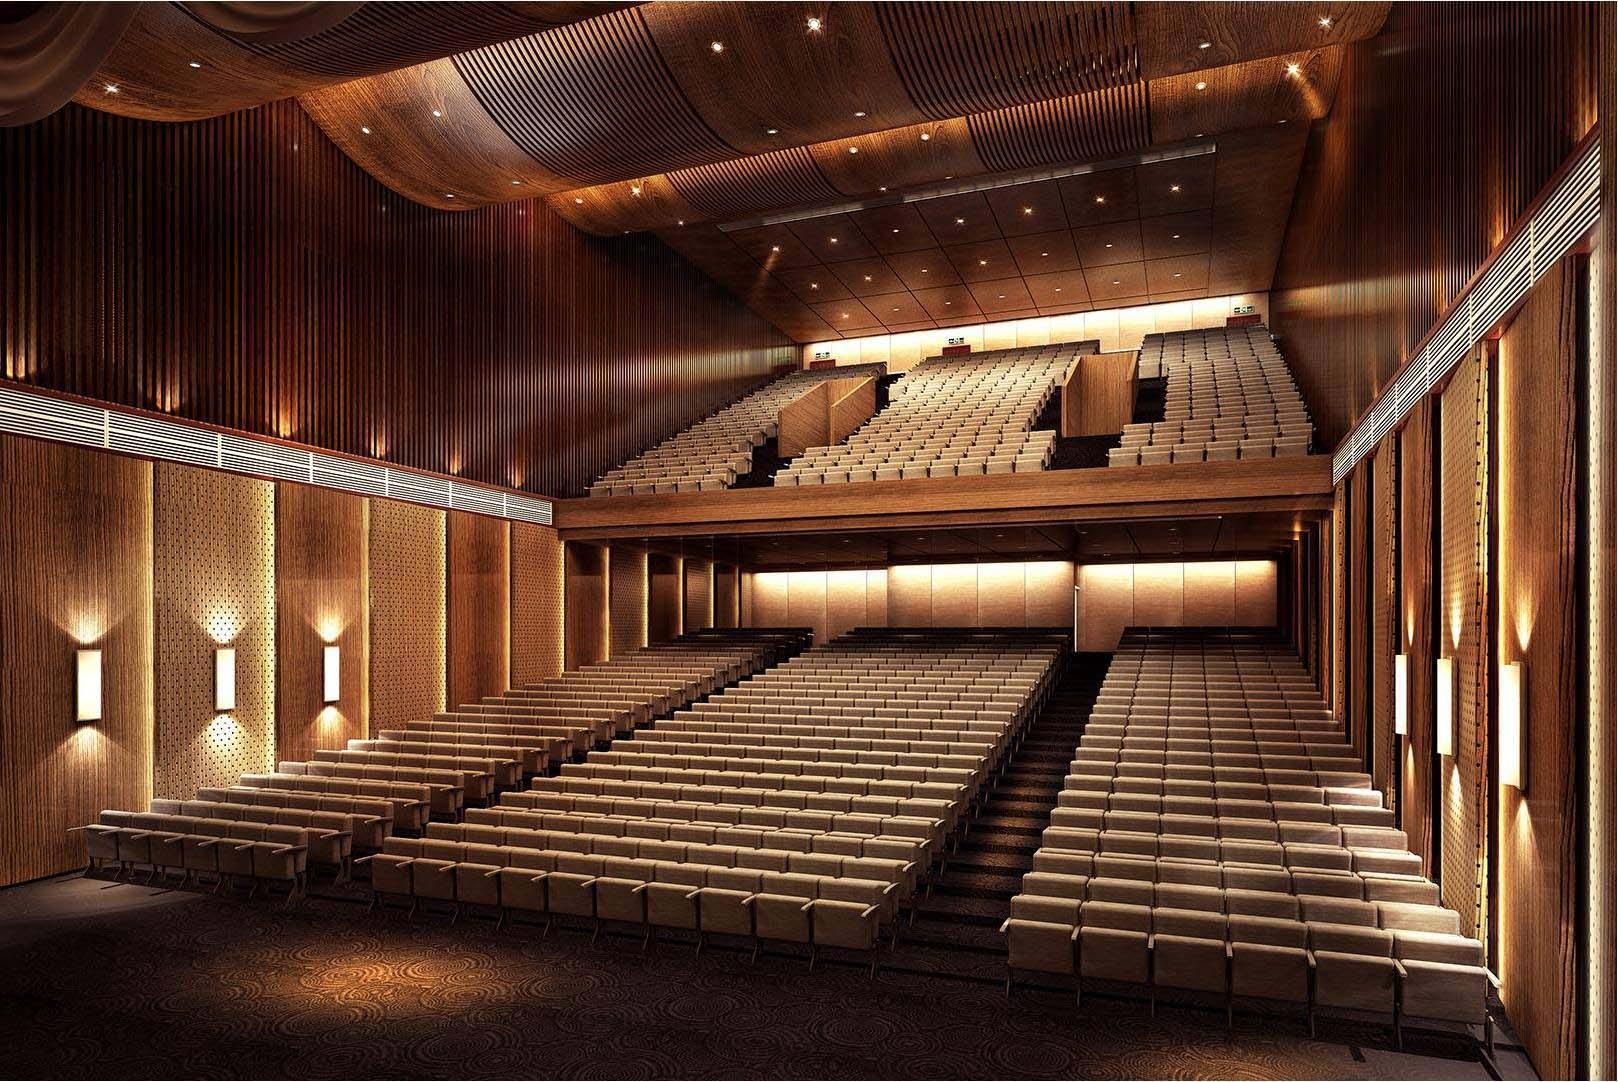 Staff College Auditorium